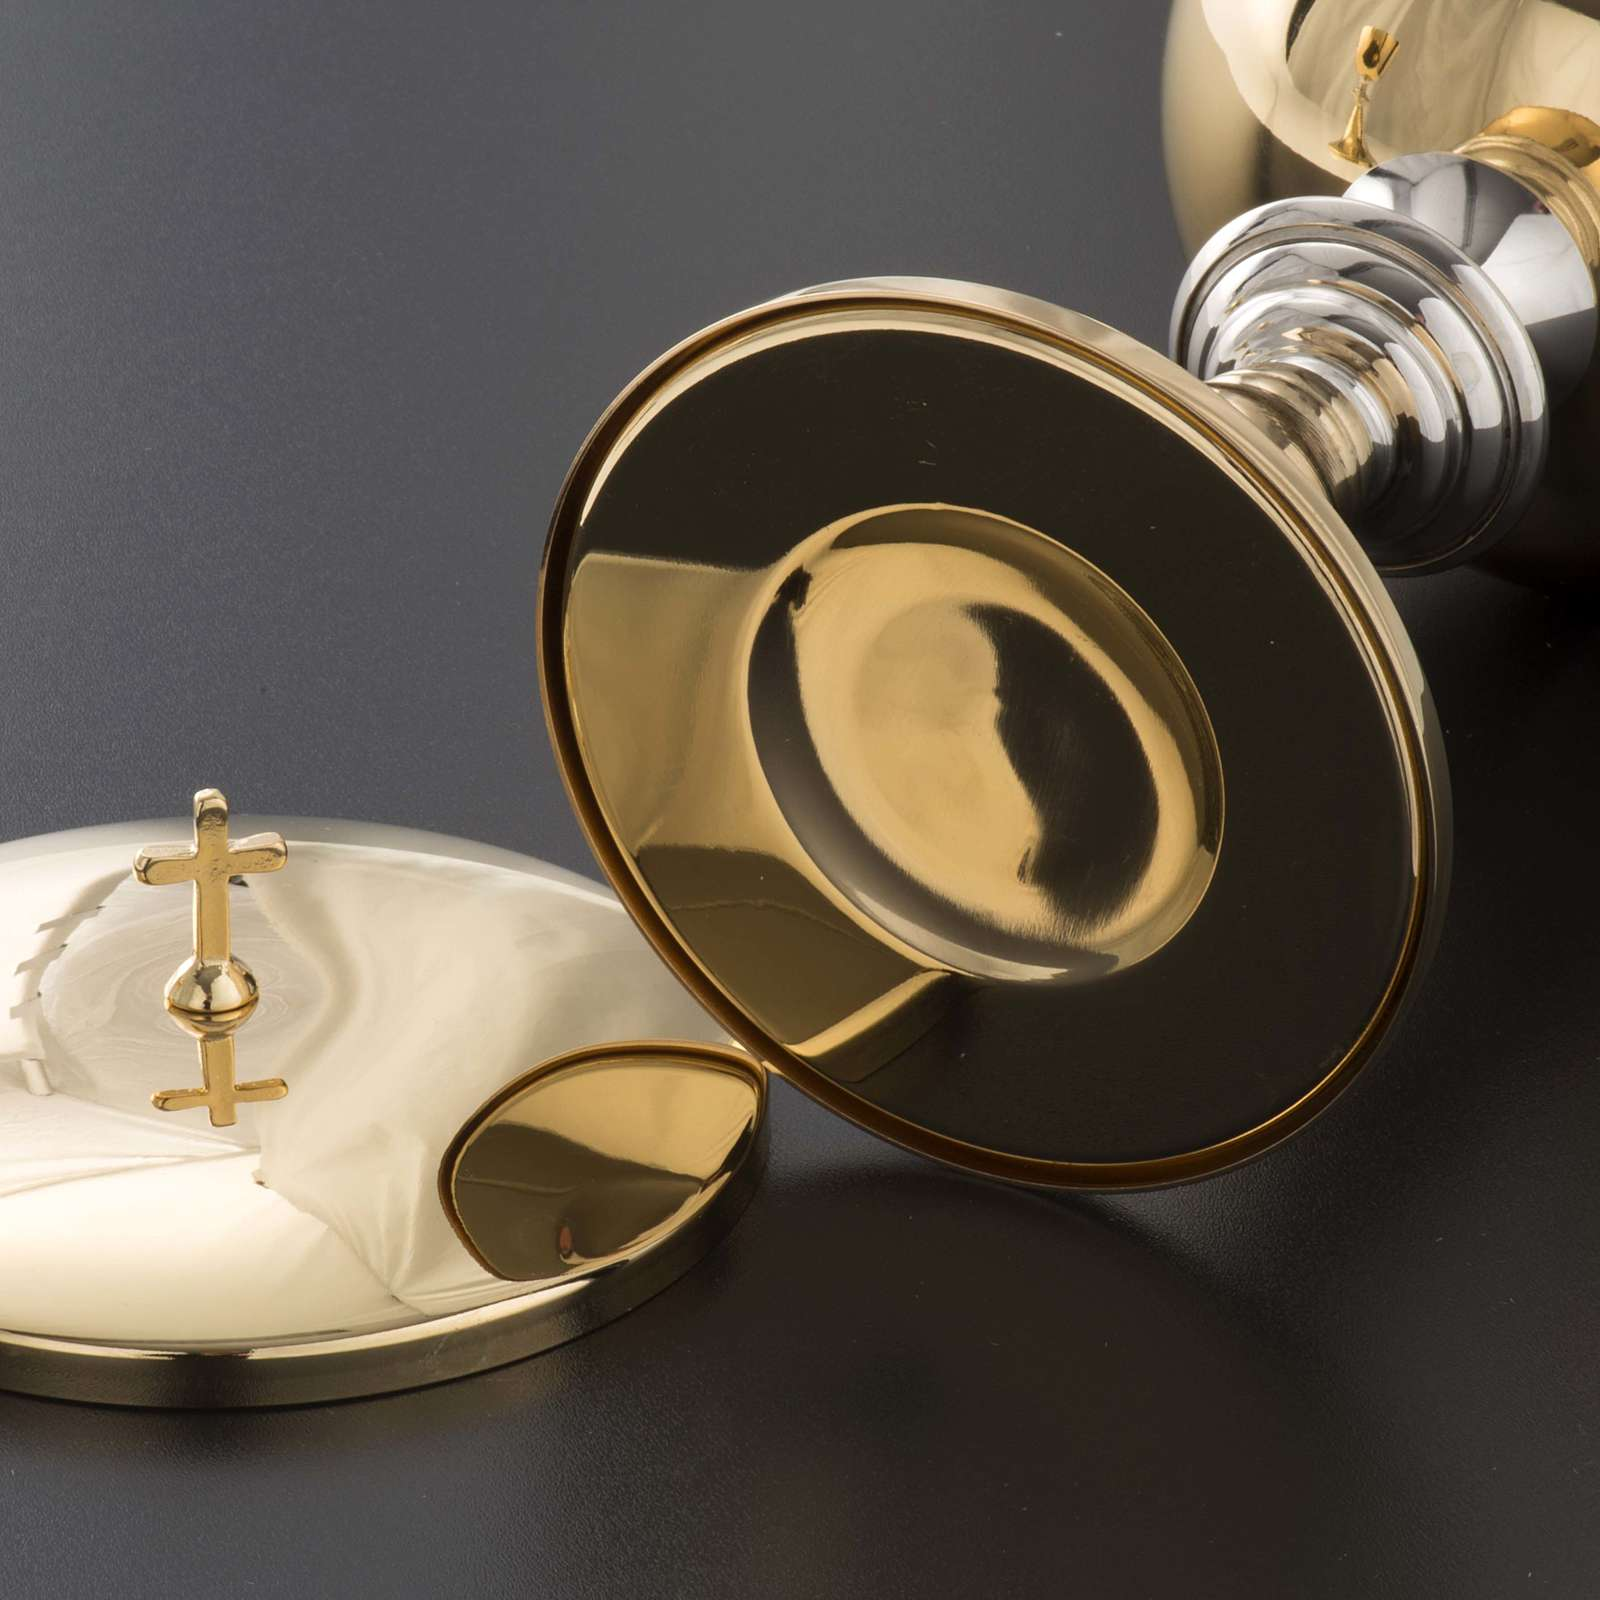 Chalice and Ciborium in brass, classic style 4